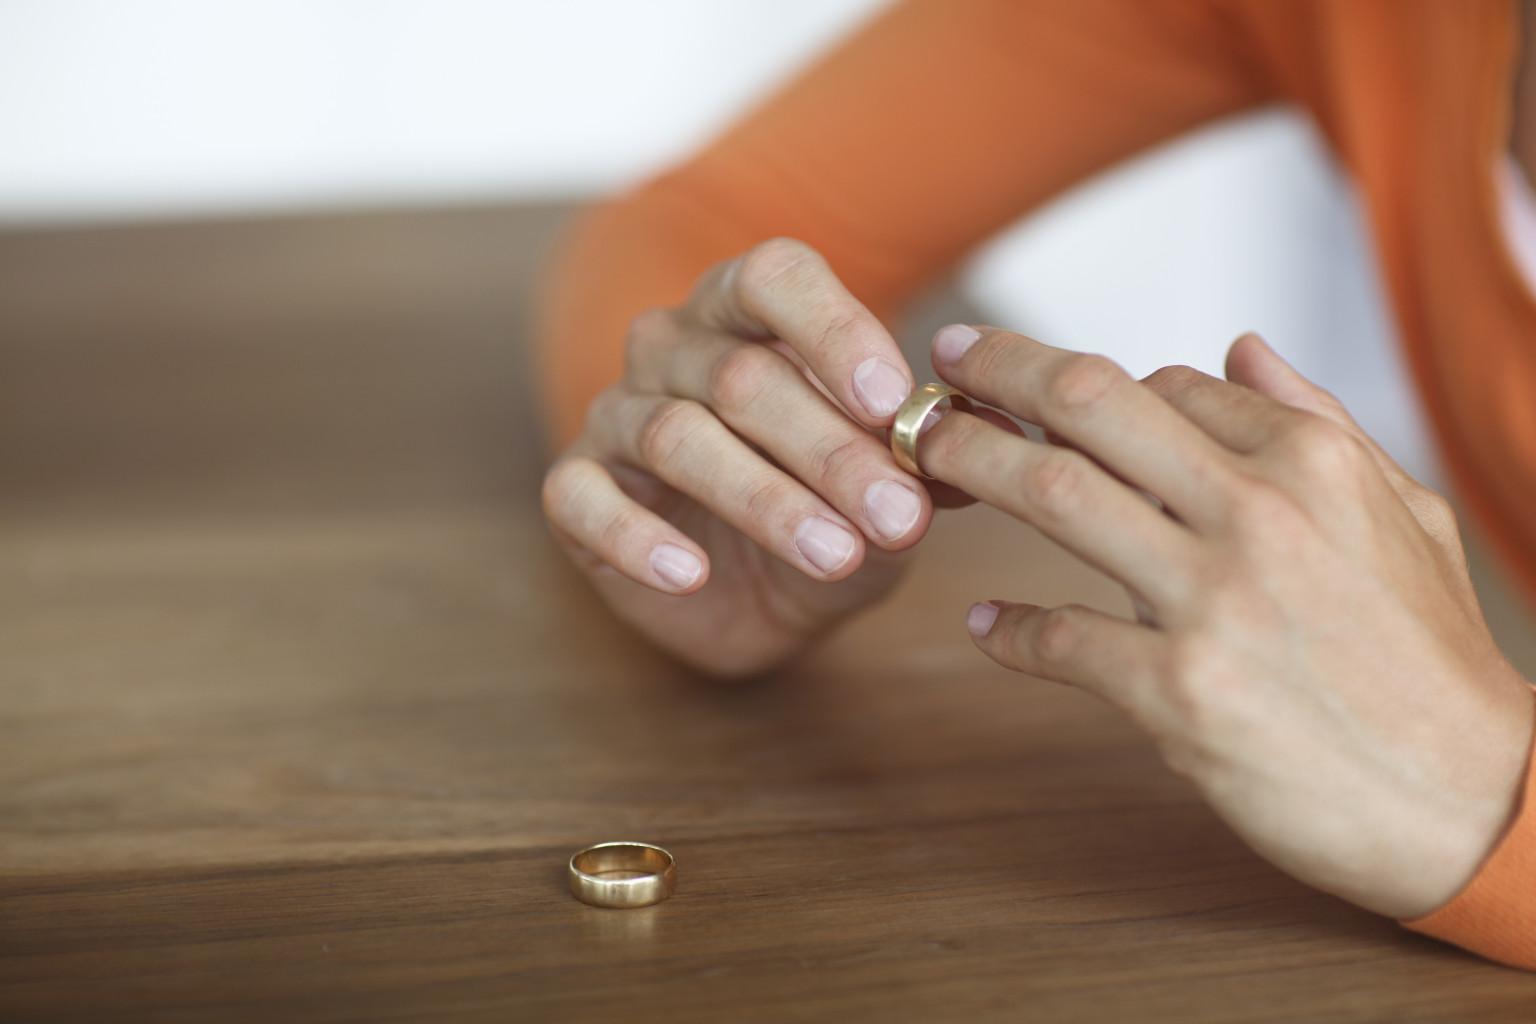 jon foreman wearing wedding ring